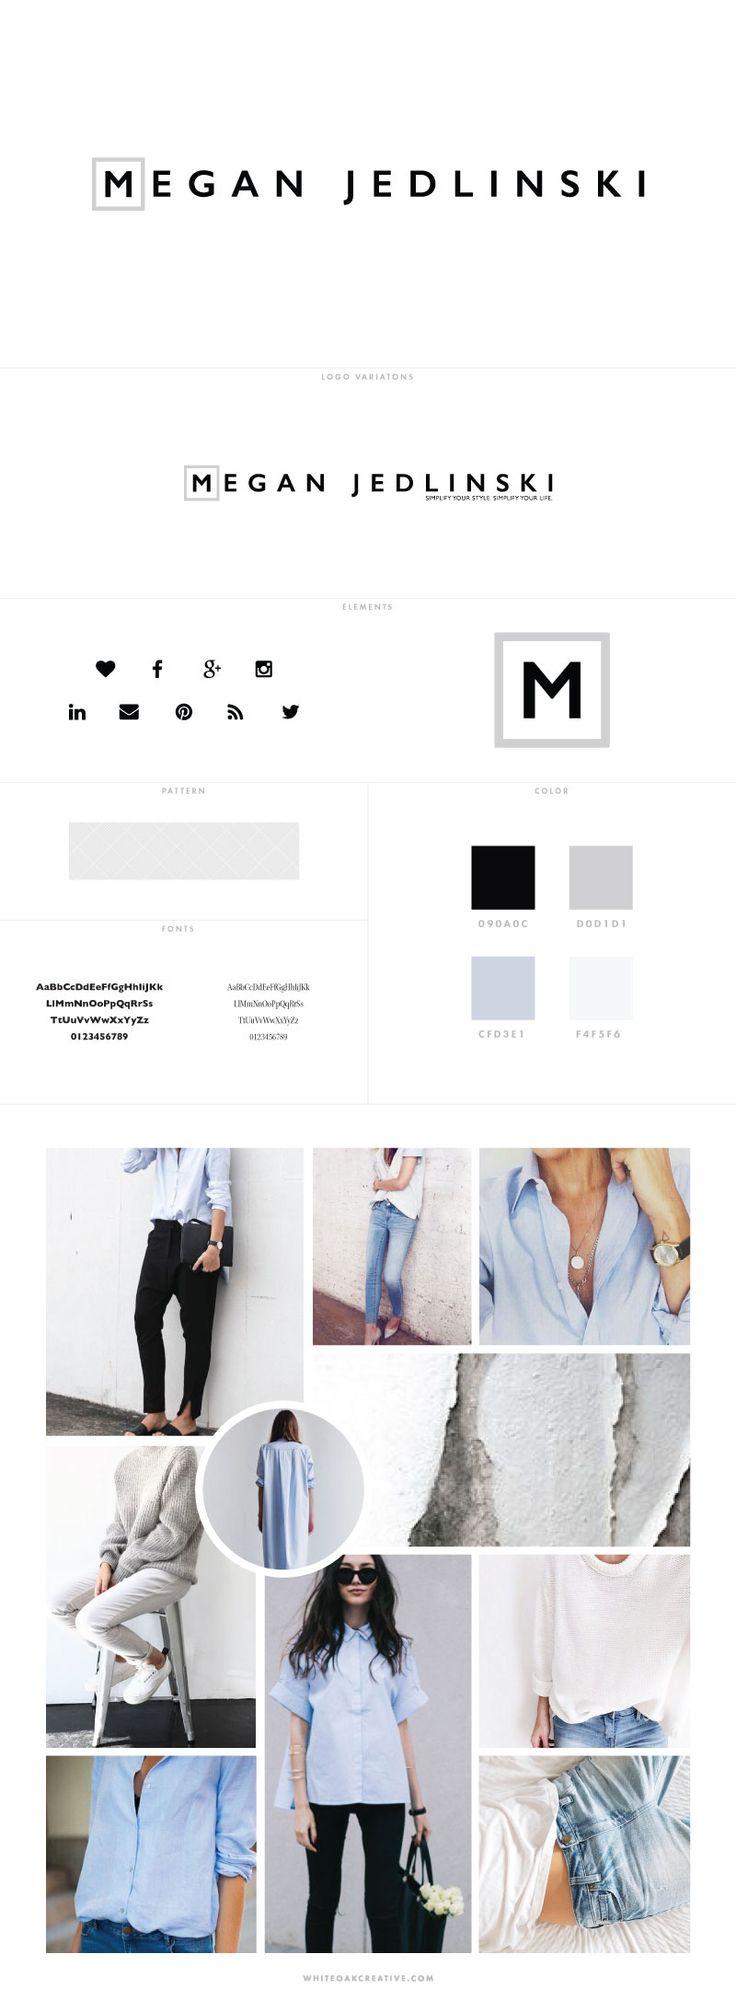 Design Blogs 763 Best Design For Bloggers Images On Pinterest  Website Designs